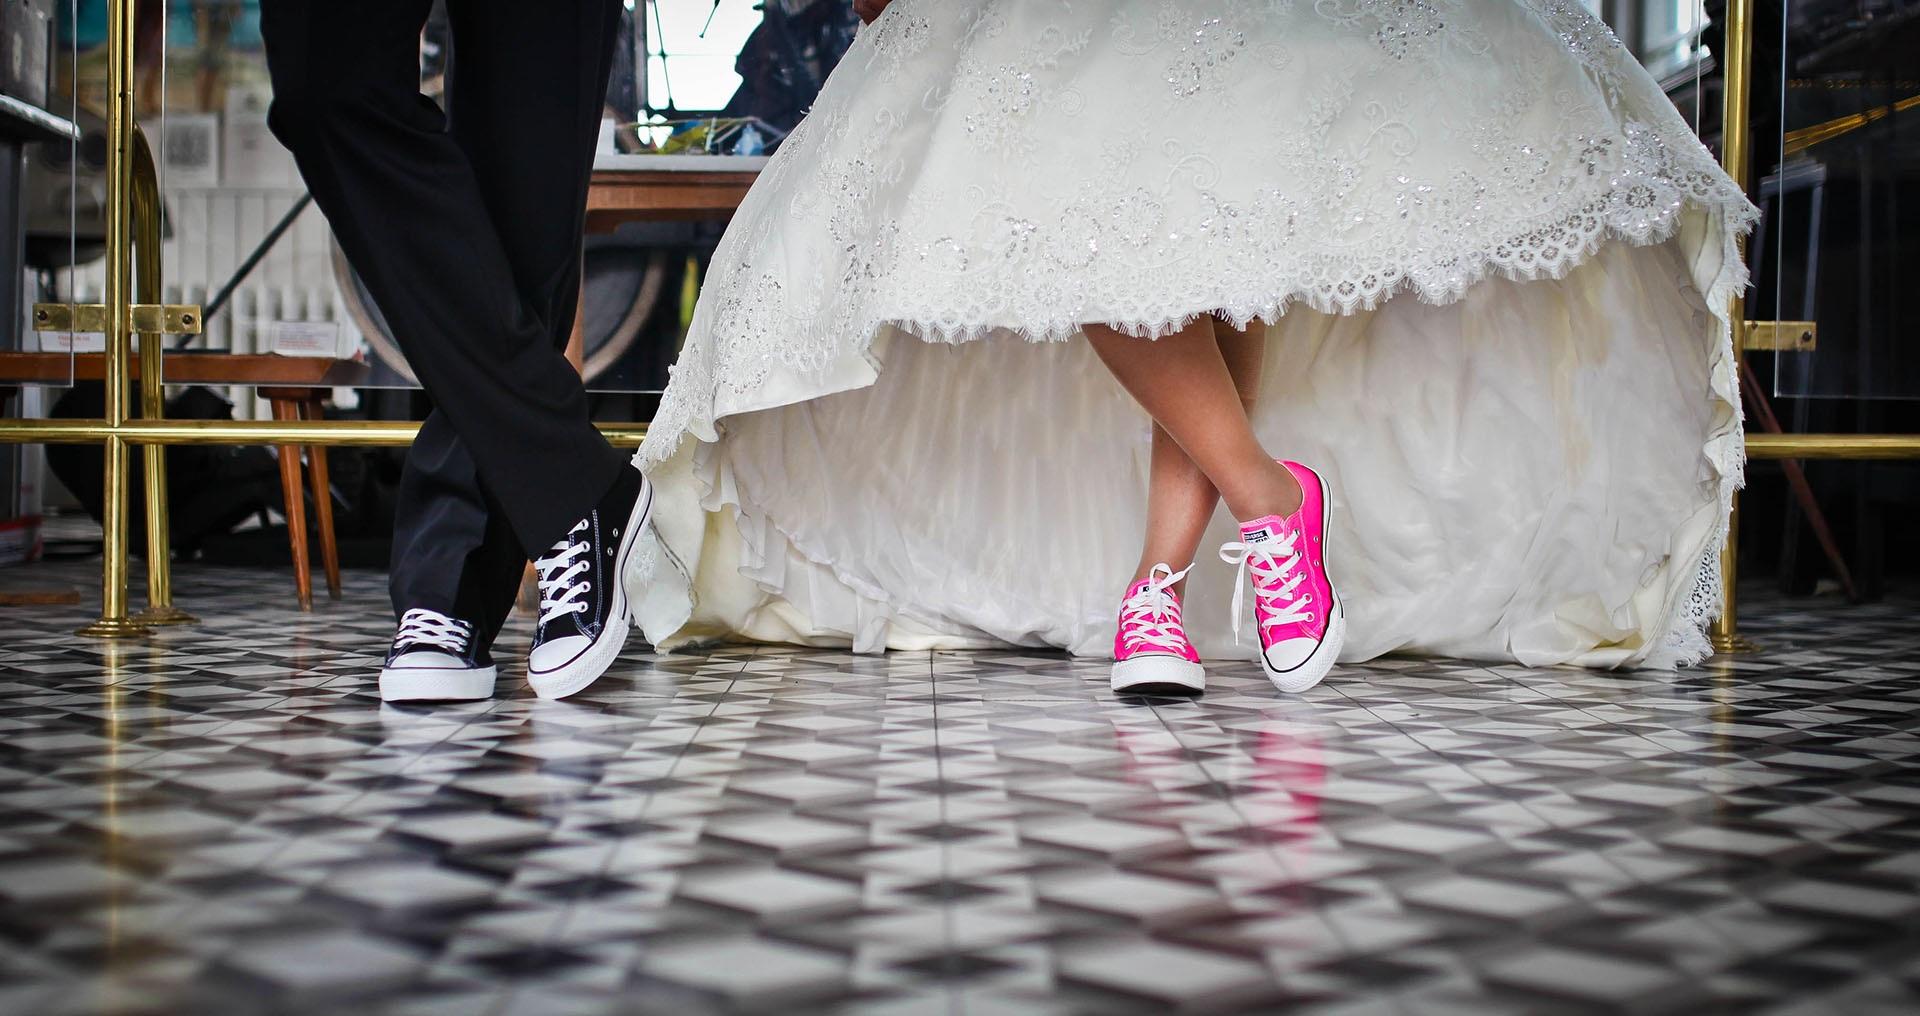 To so prava leta za poroko ... trdijo znanstveniki